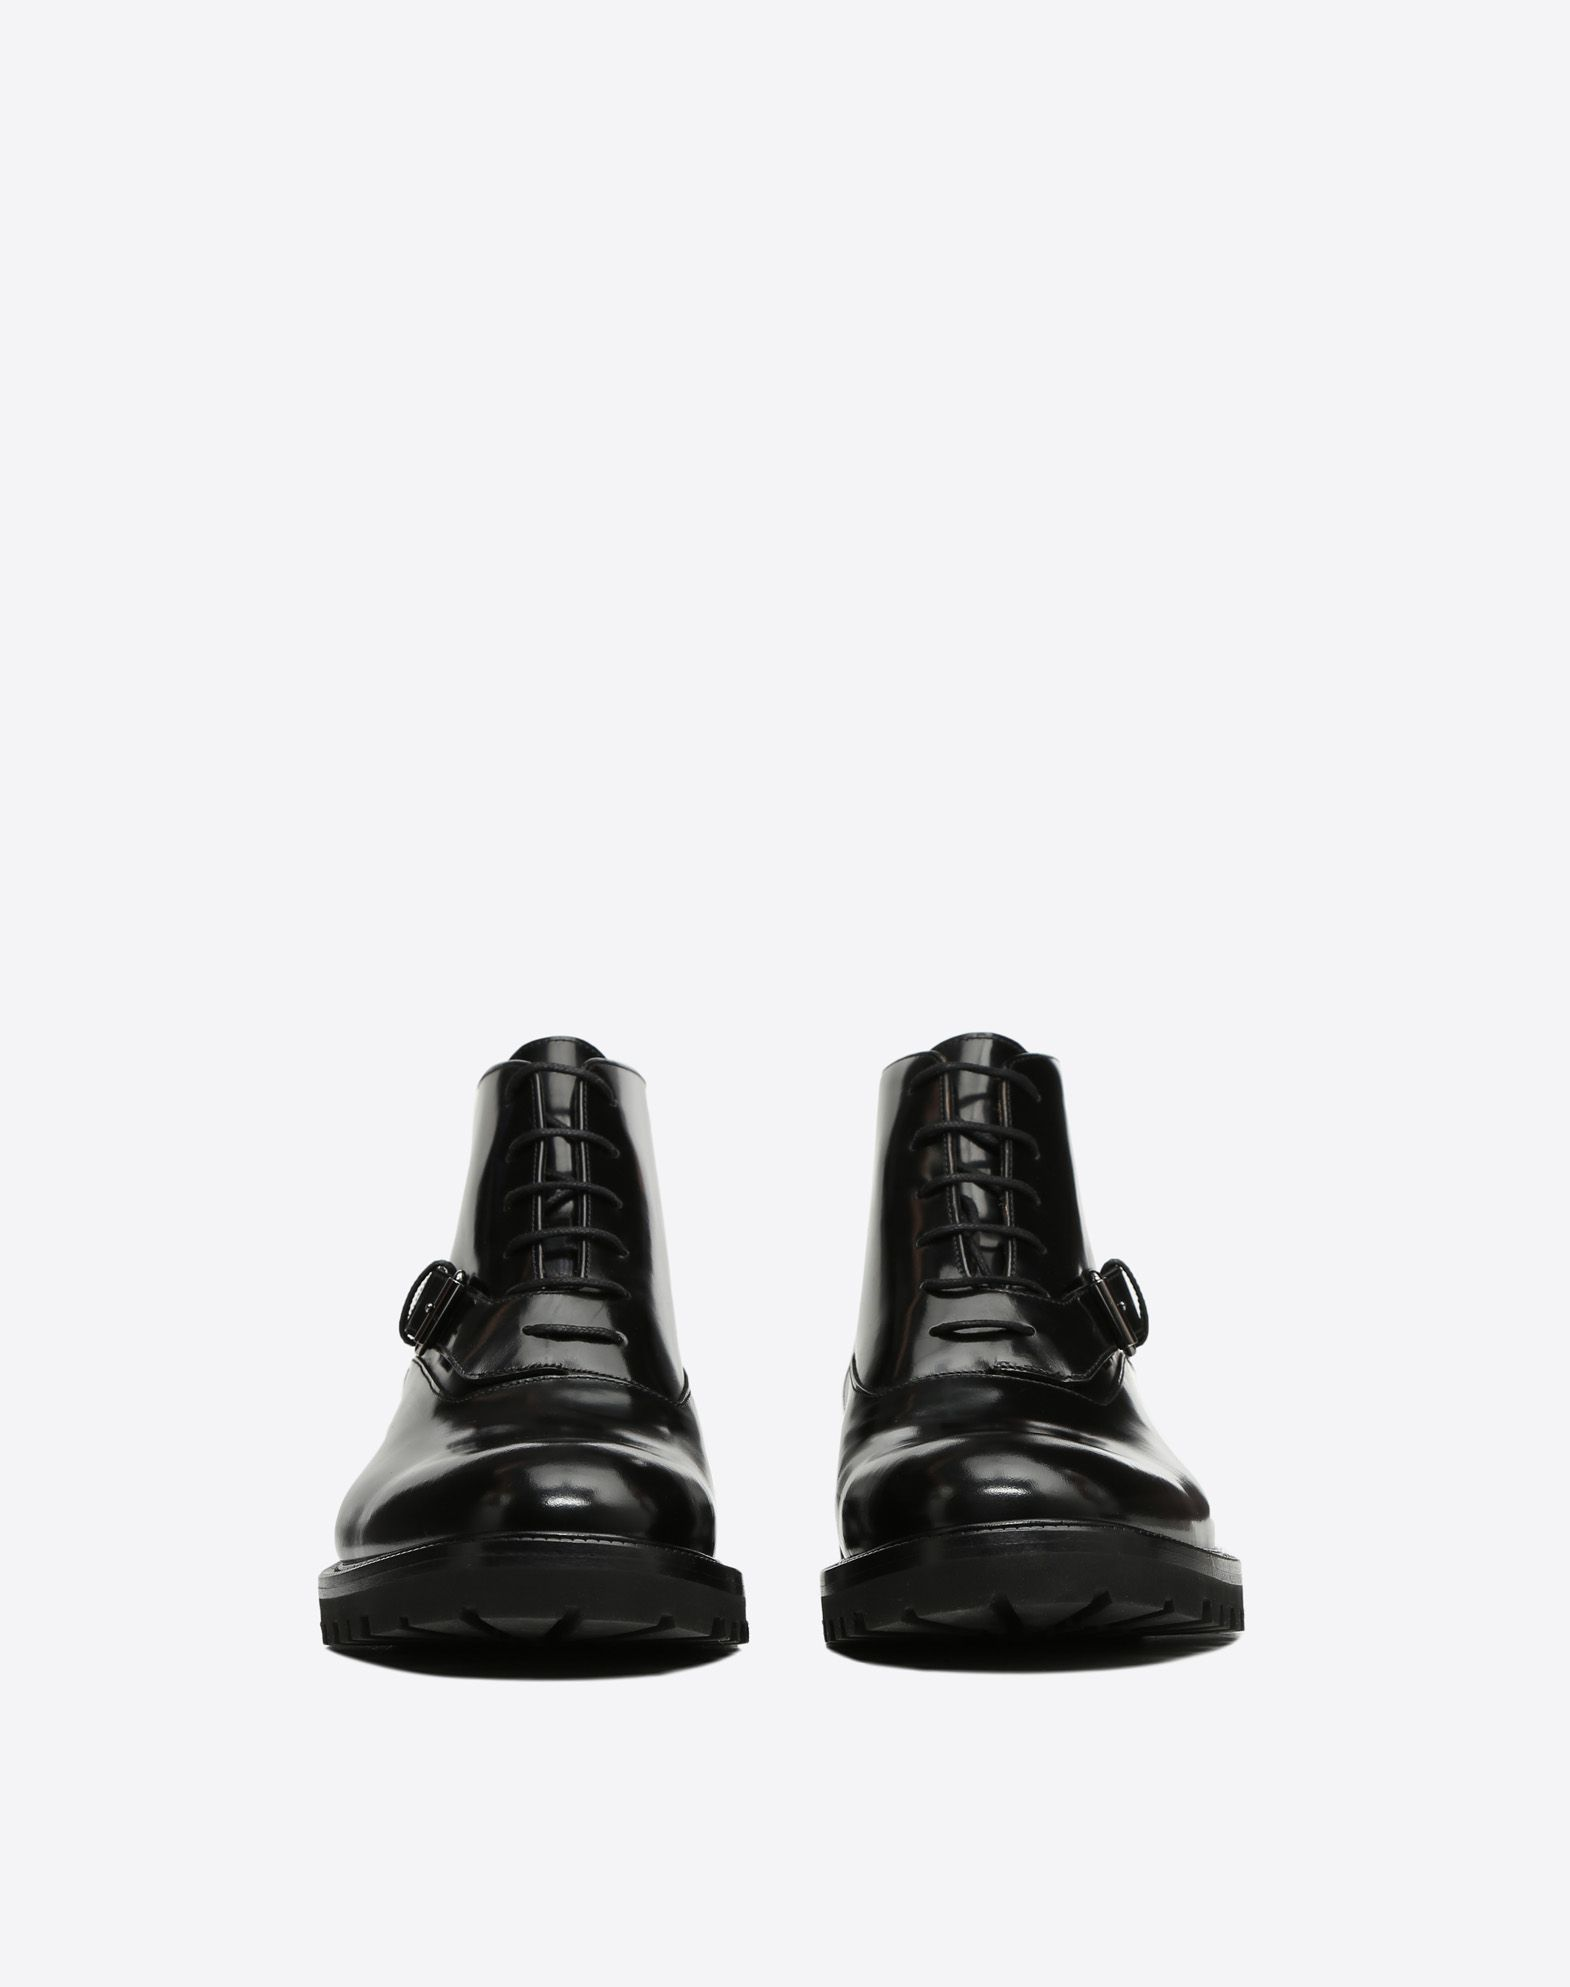 VALENTINO GARAVANI UOMO 靴子 短靴 U e